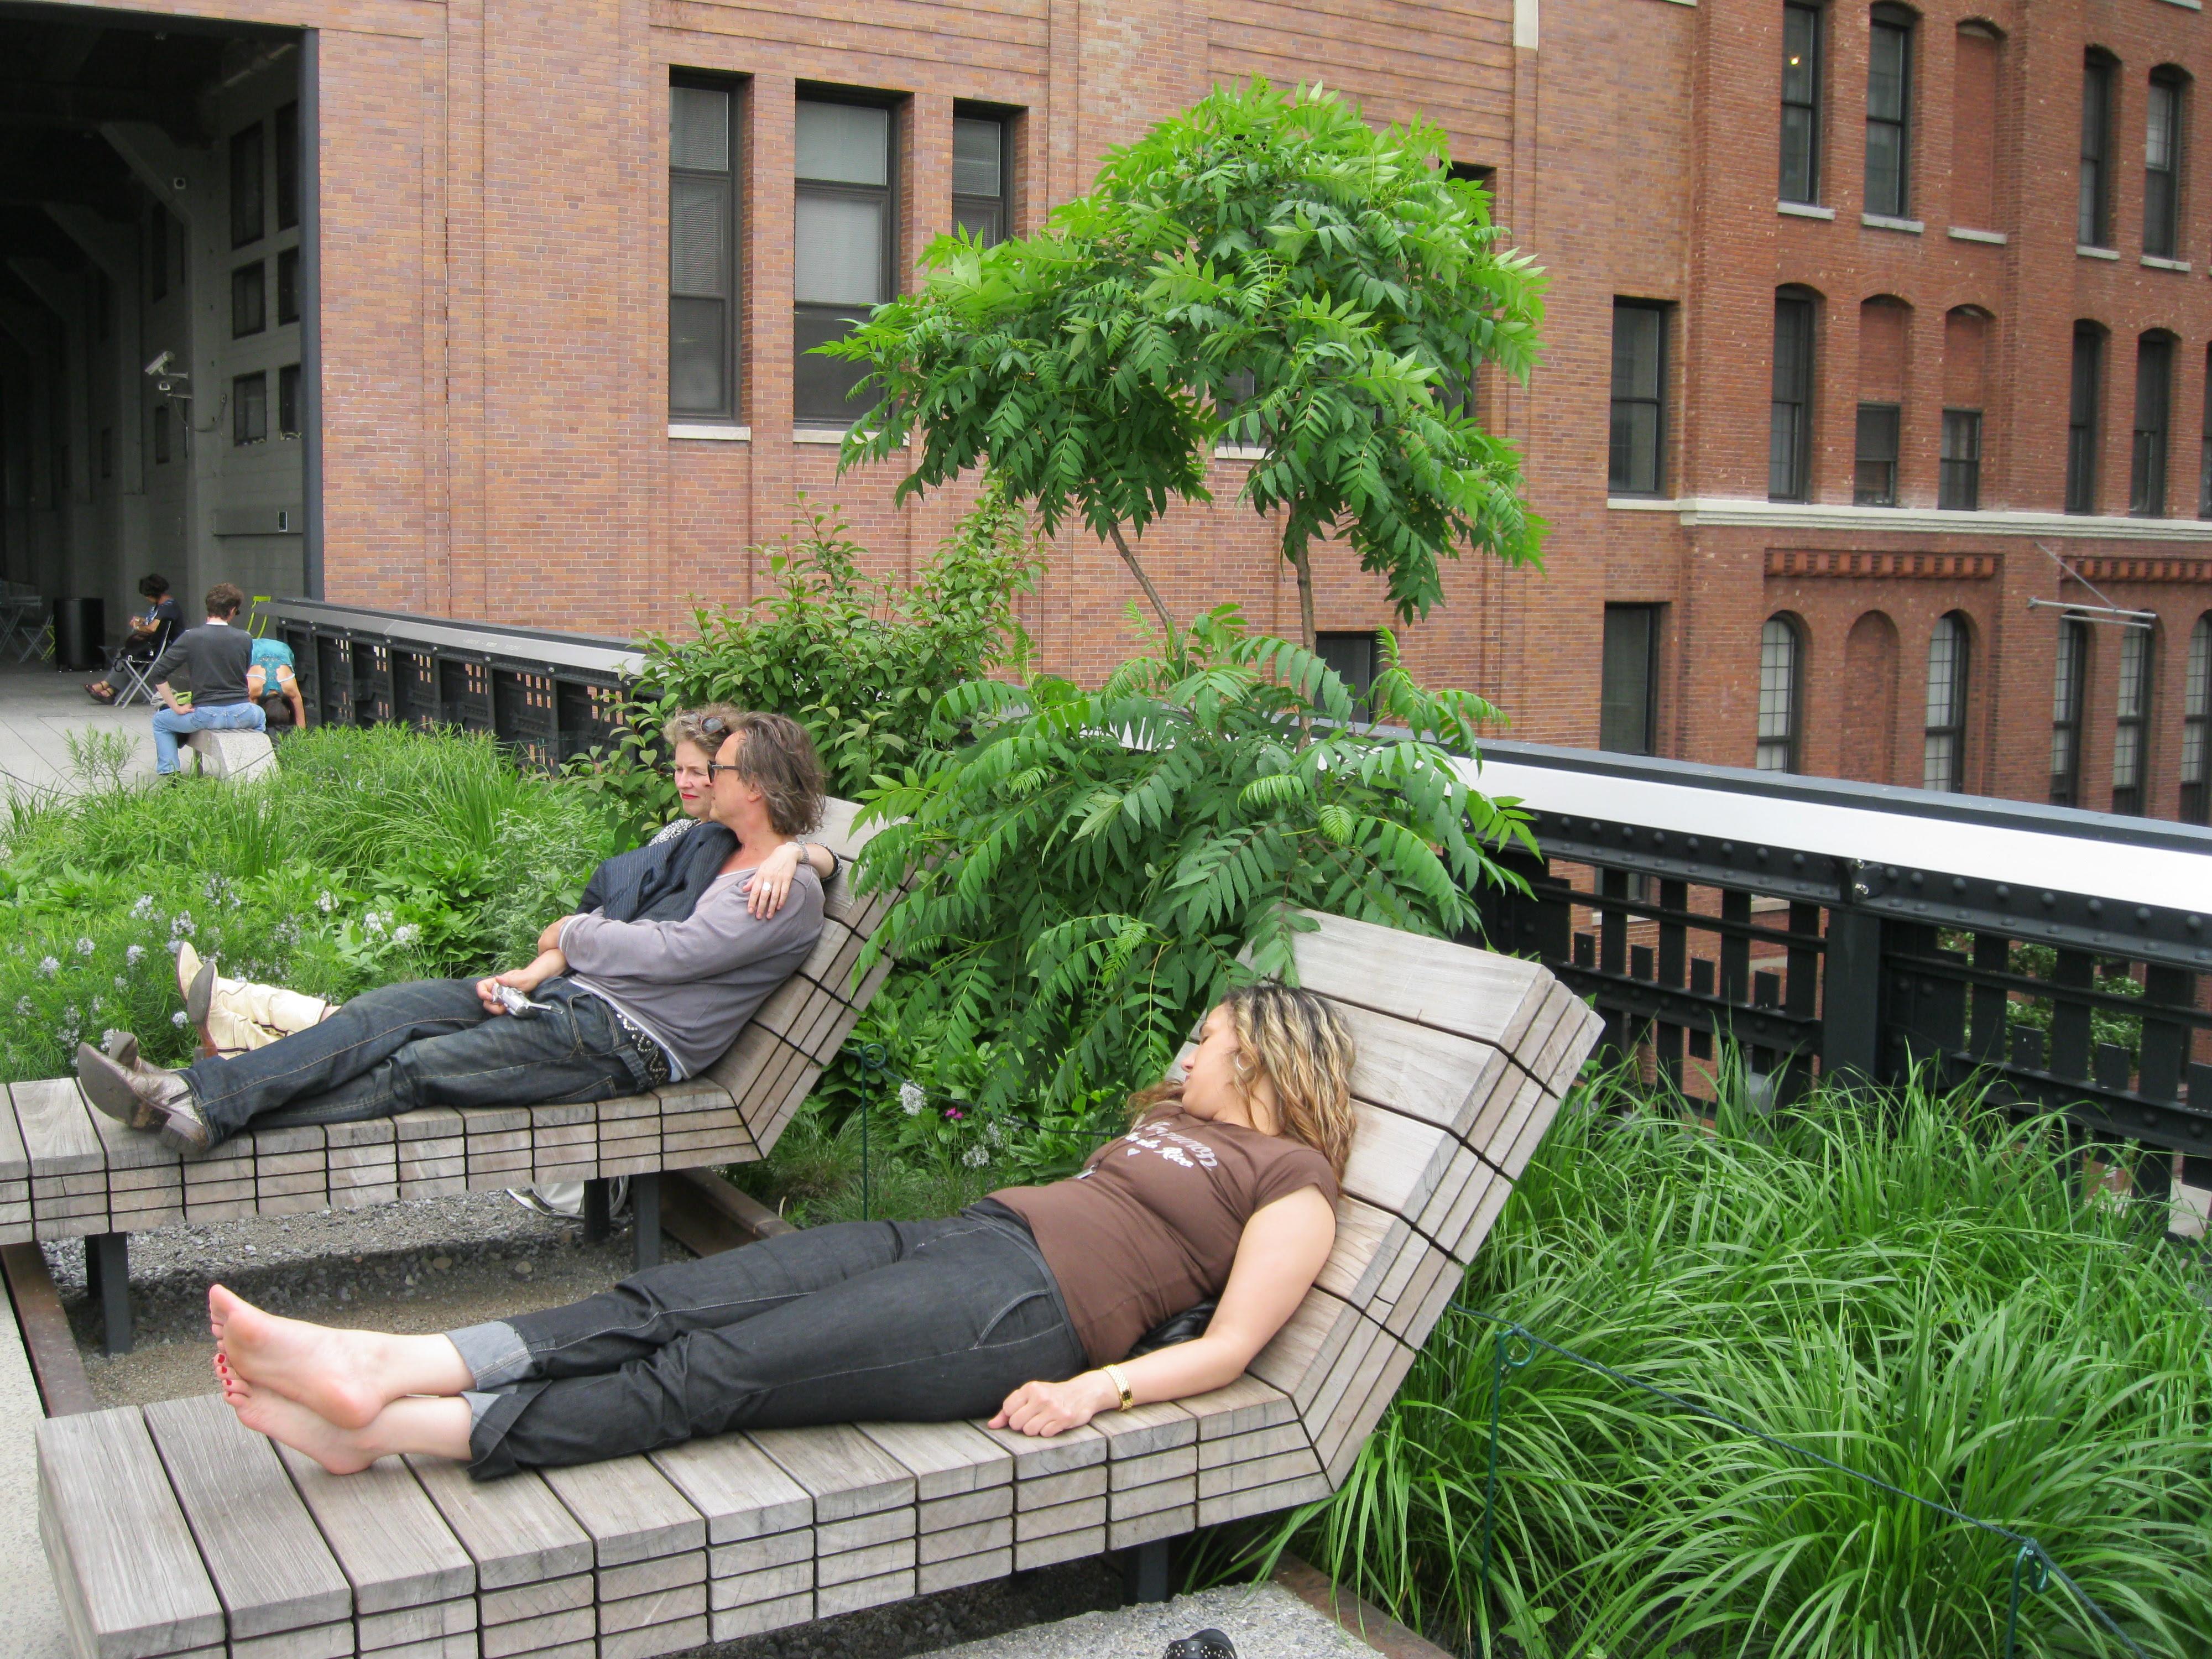 A Modern Hanging Garden | Adventuressetravels Blog